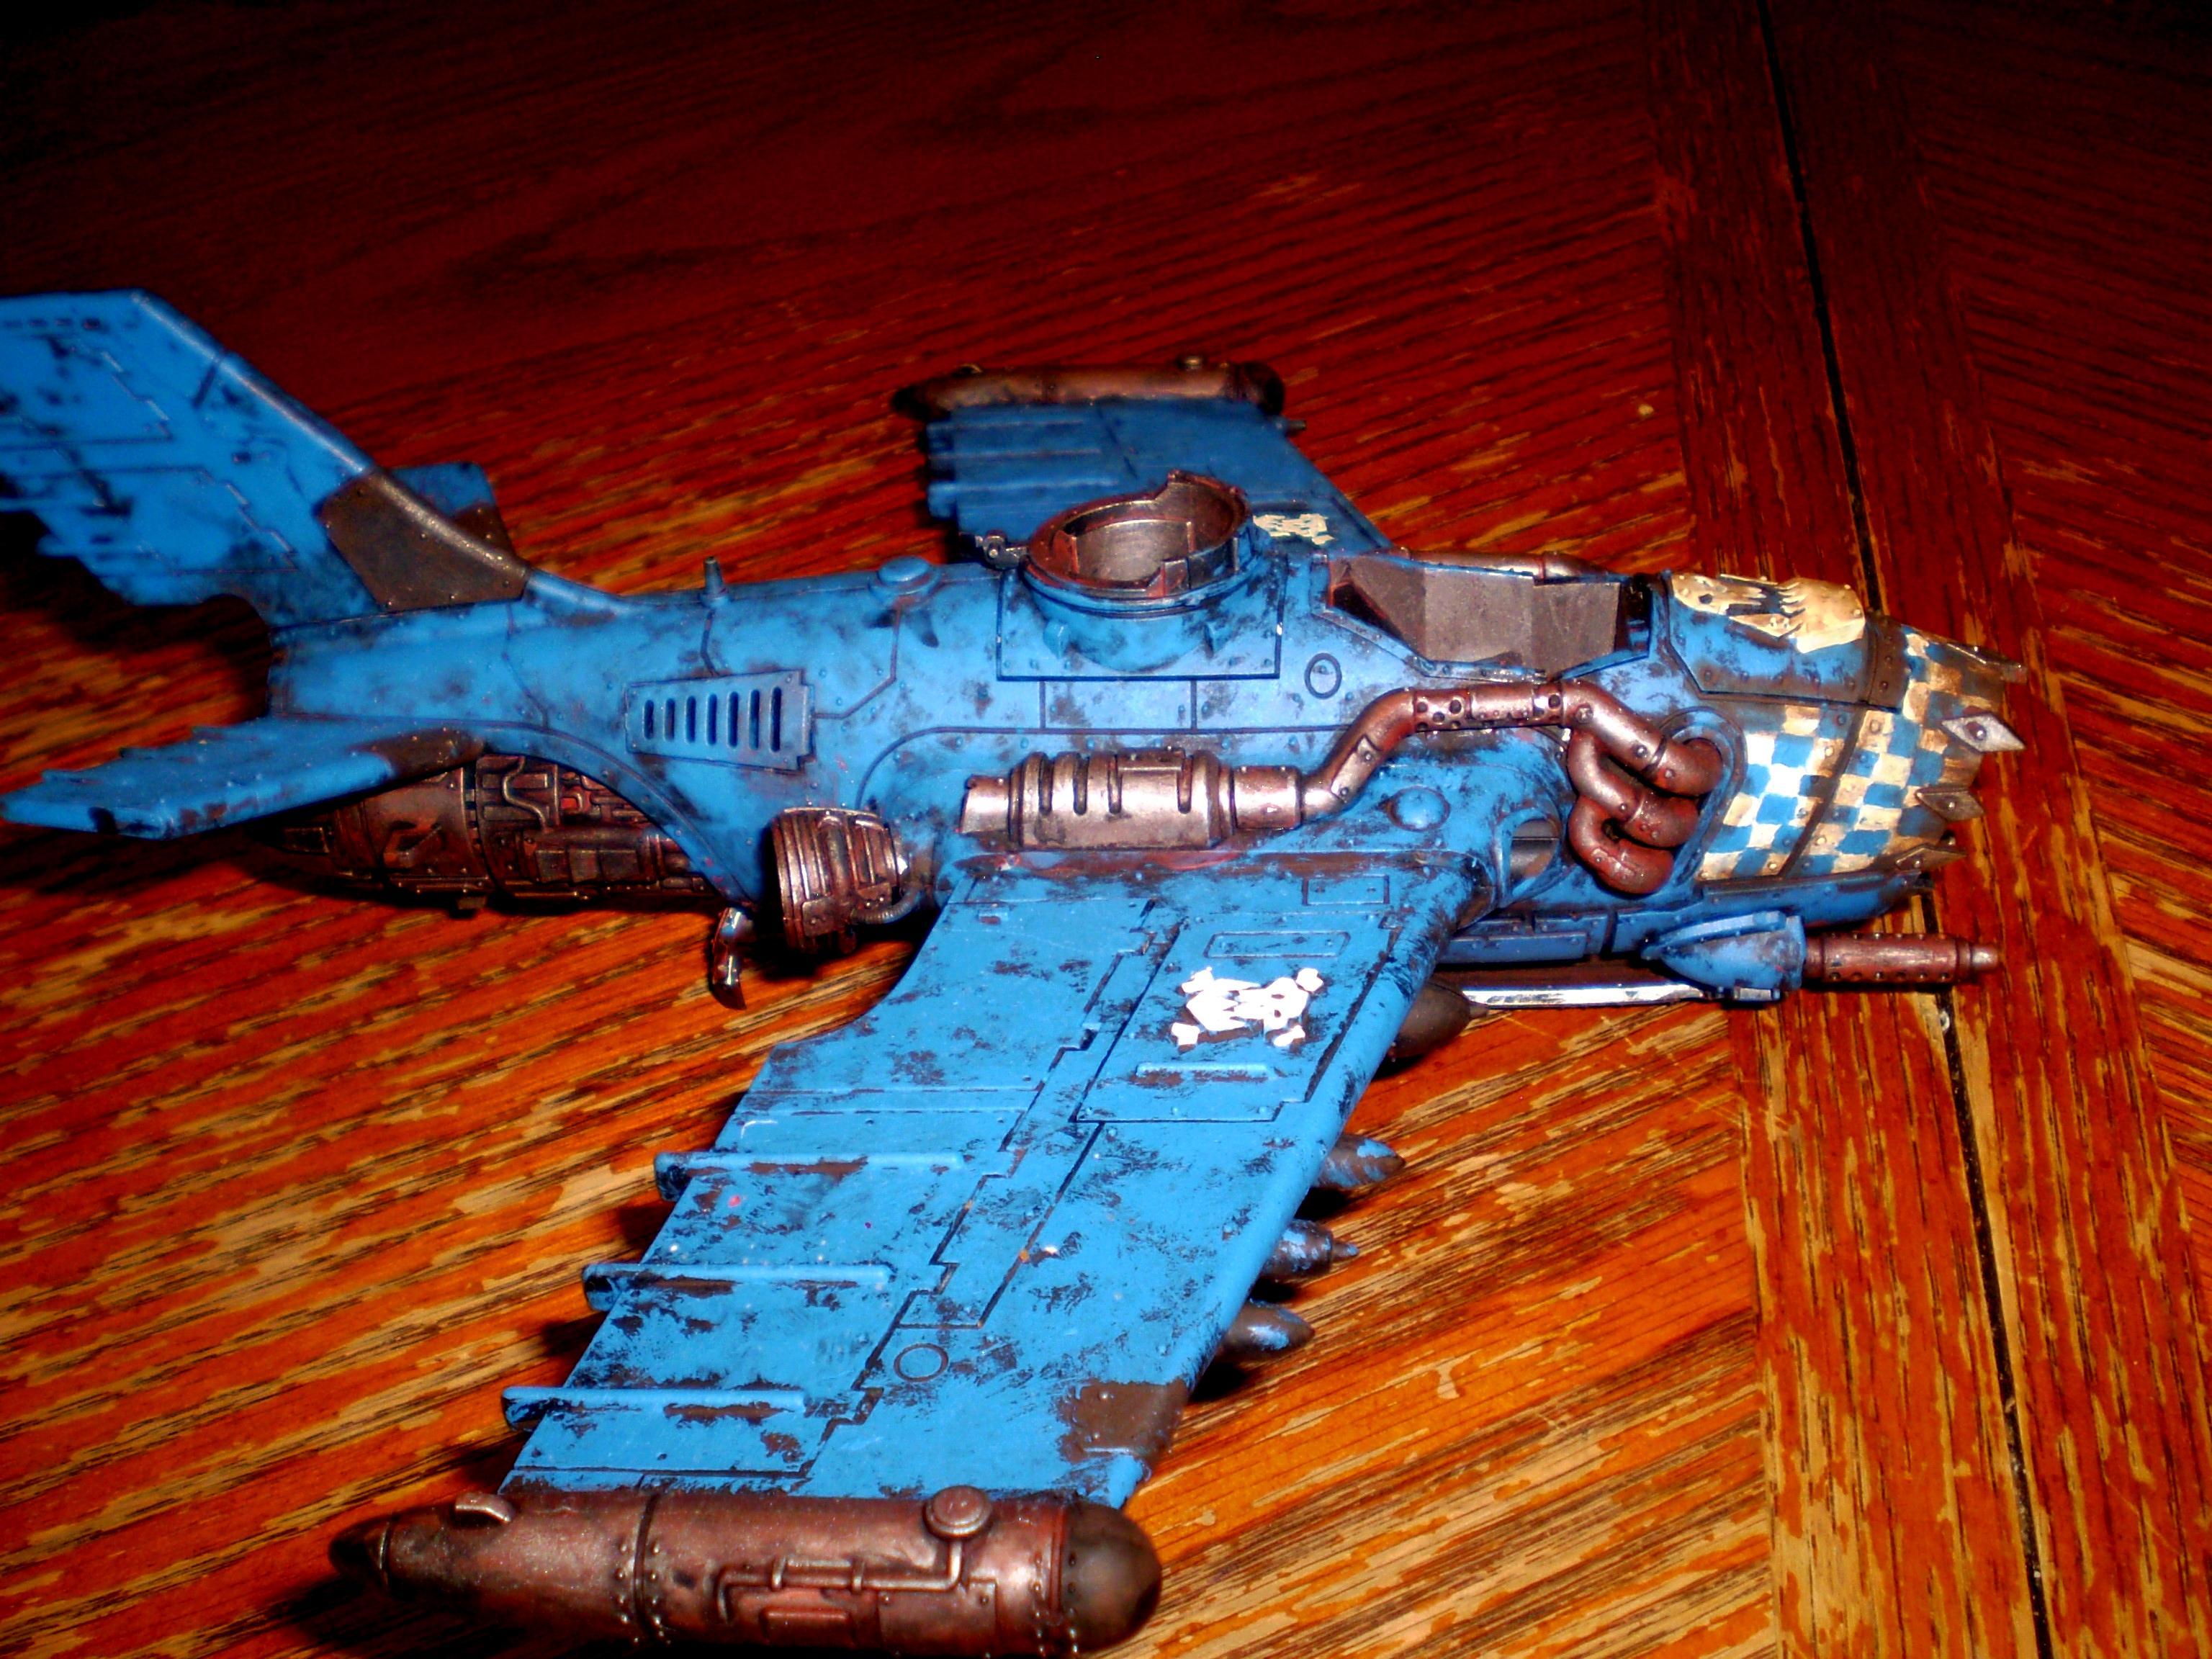 Bomber, Flyer, Orks, Ultranaut